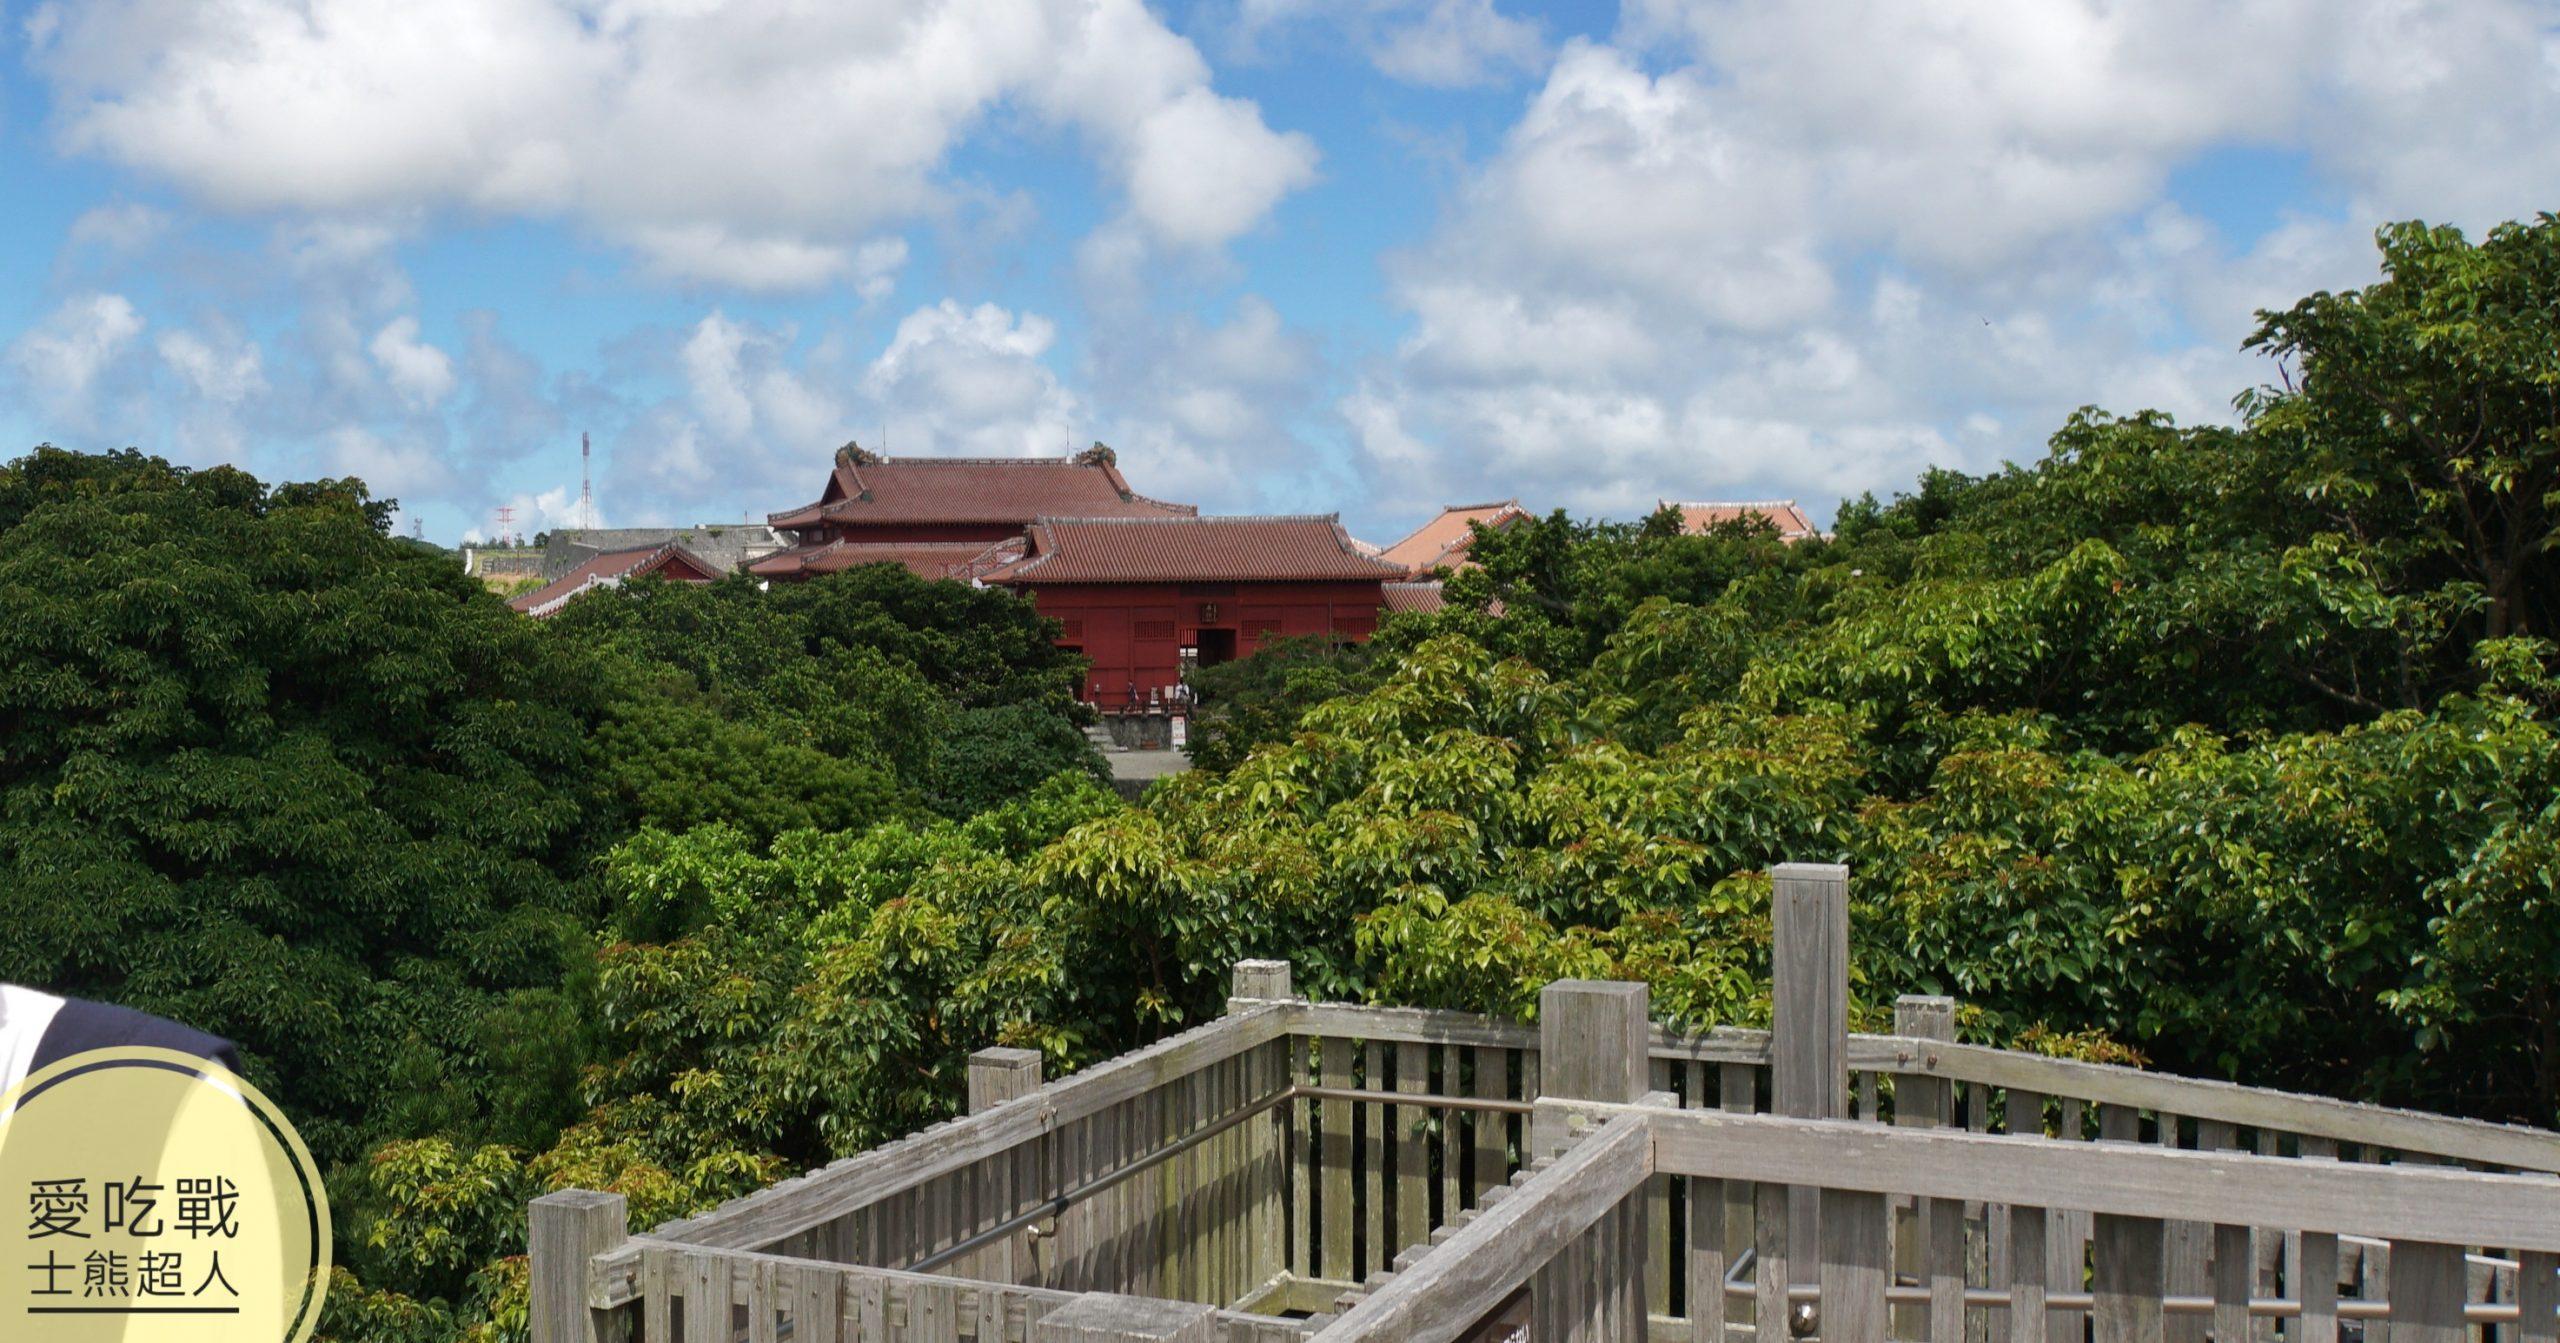 。沖繩 那霸。首里城:沖繩必訪景點、世界遺產,景點+開放時間、交通資訊懶人包。